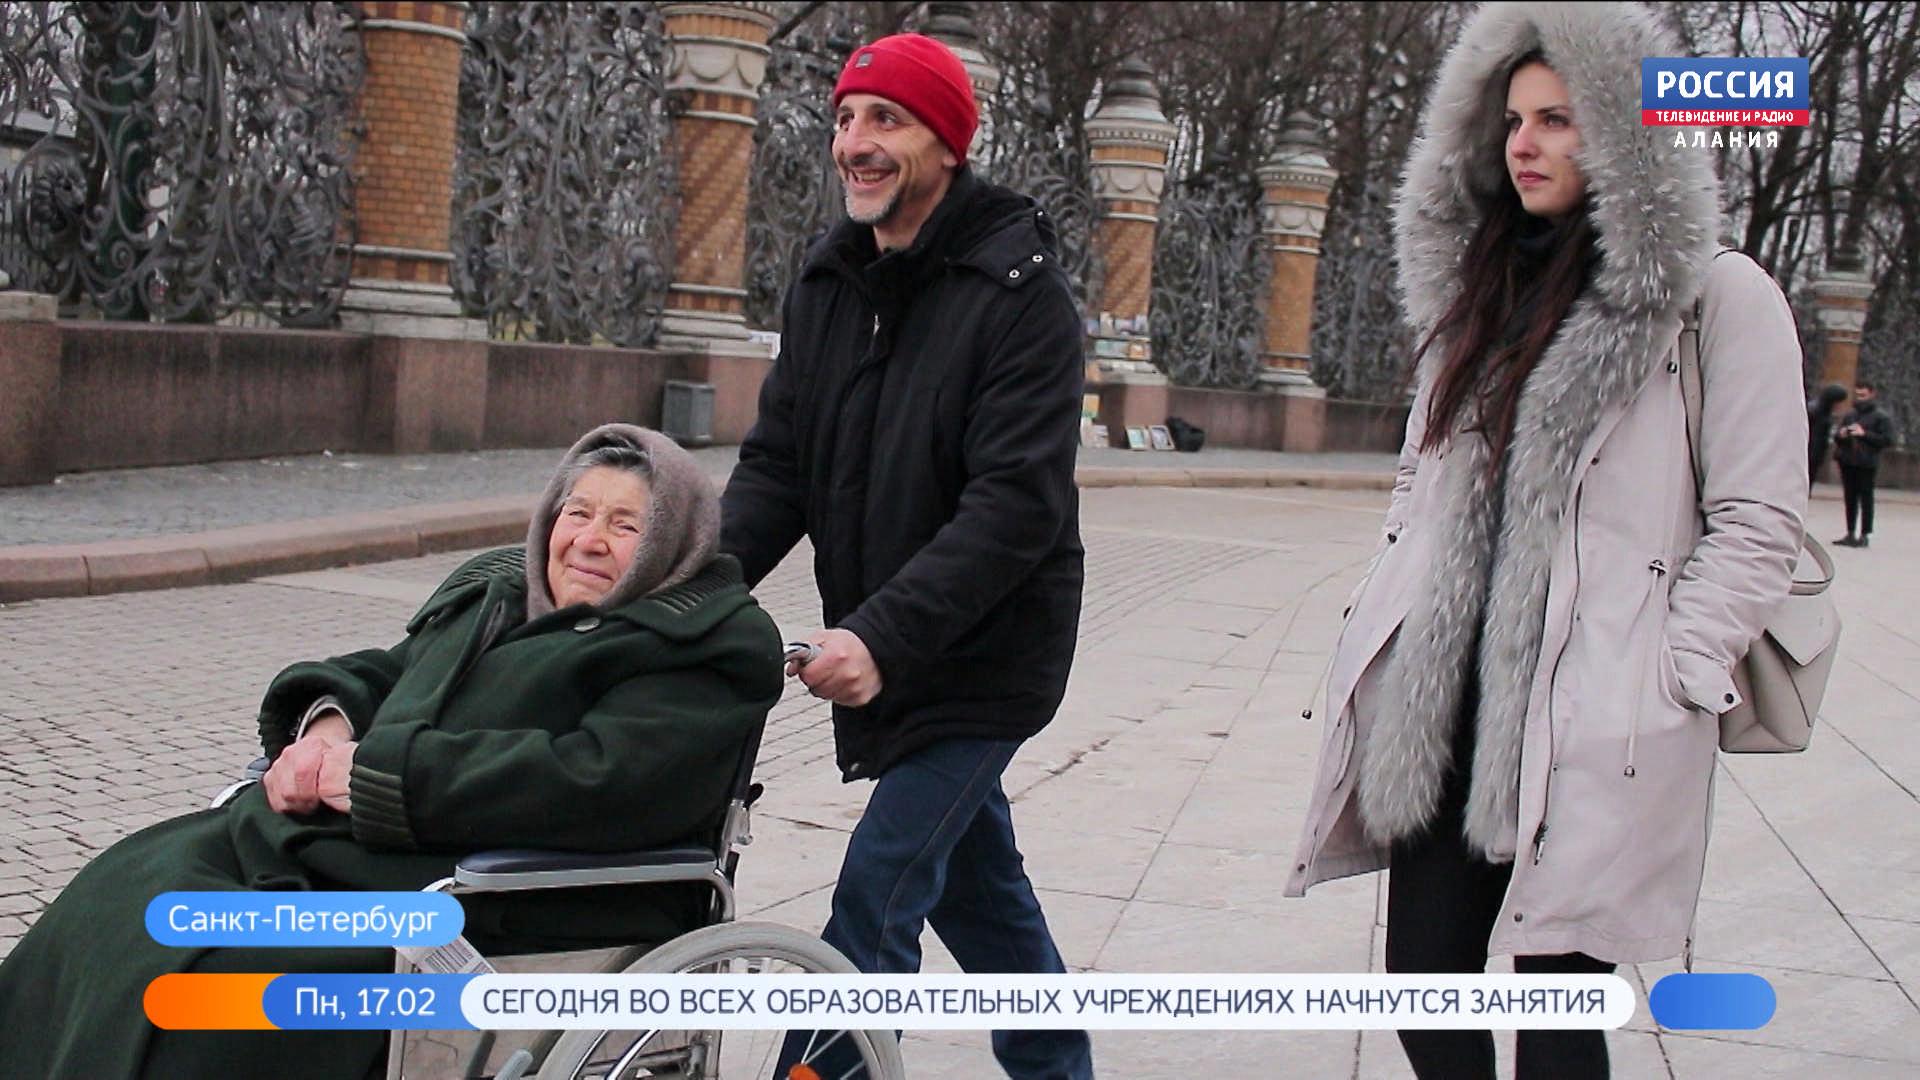 Пенсионерка Рима Дудуева впервые побывала в Санкт-Петербурге благодаря проекту «Мечтай со мной»